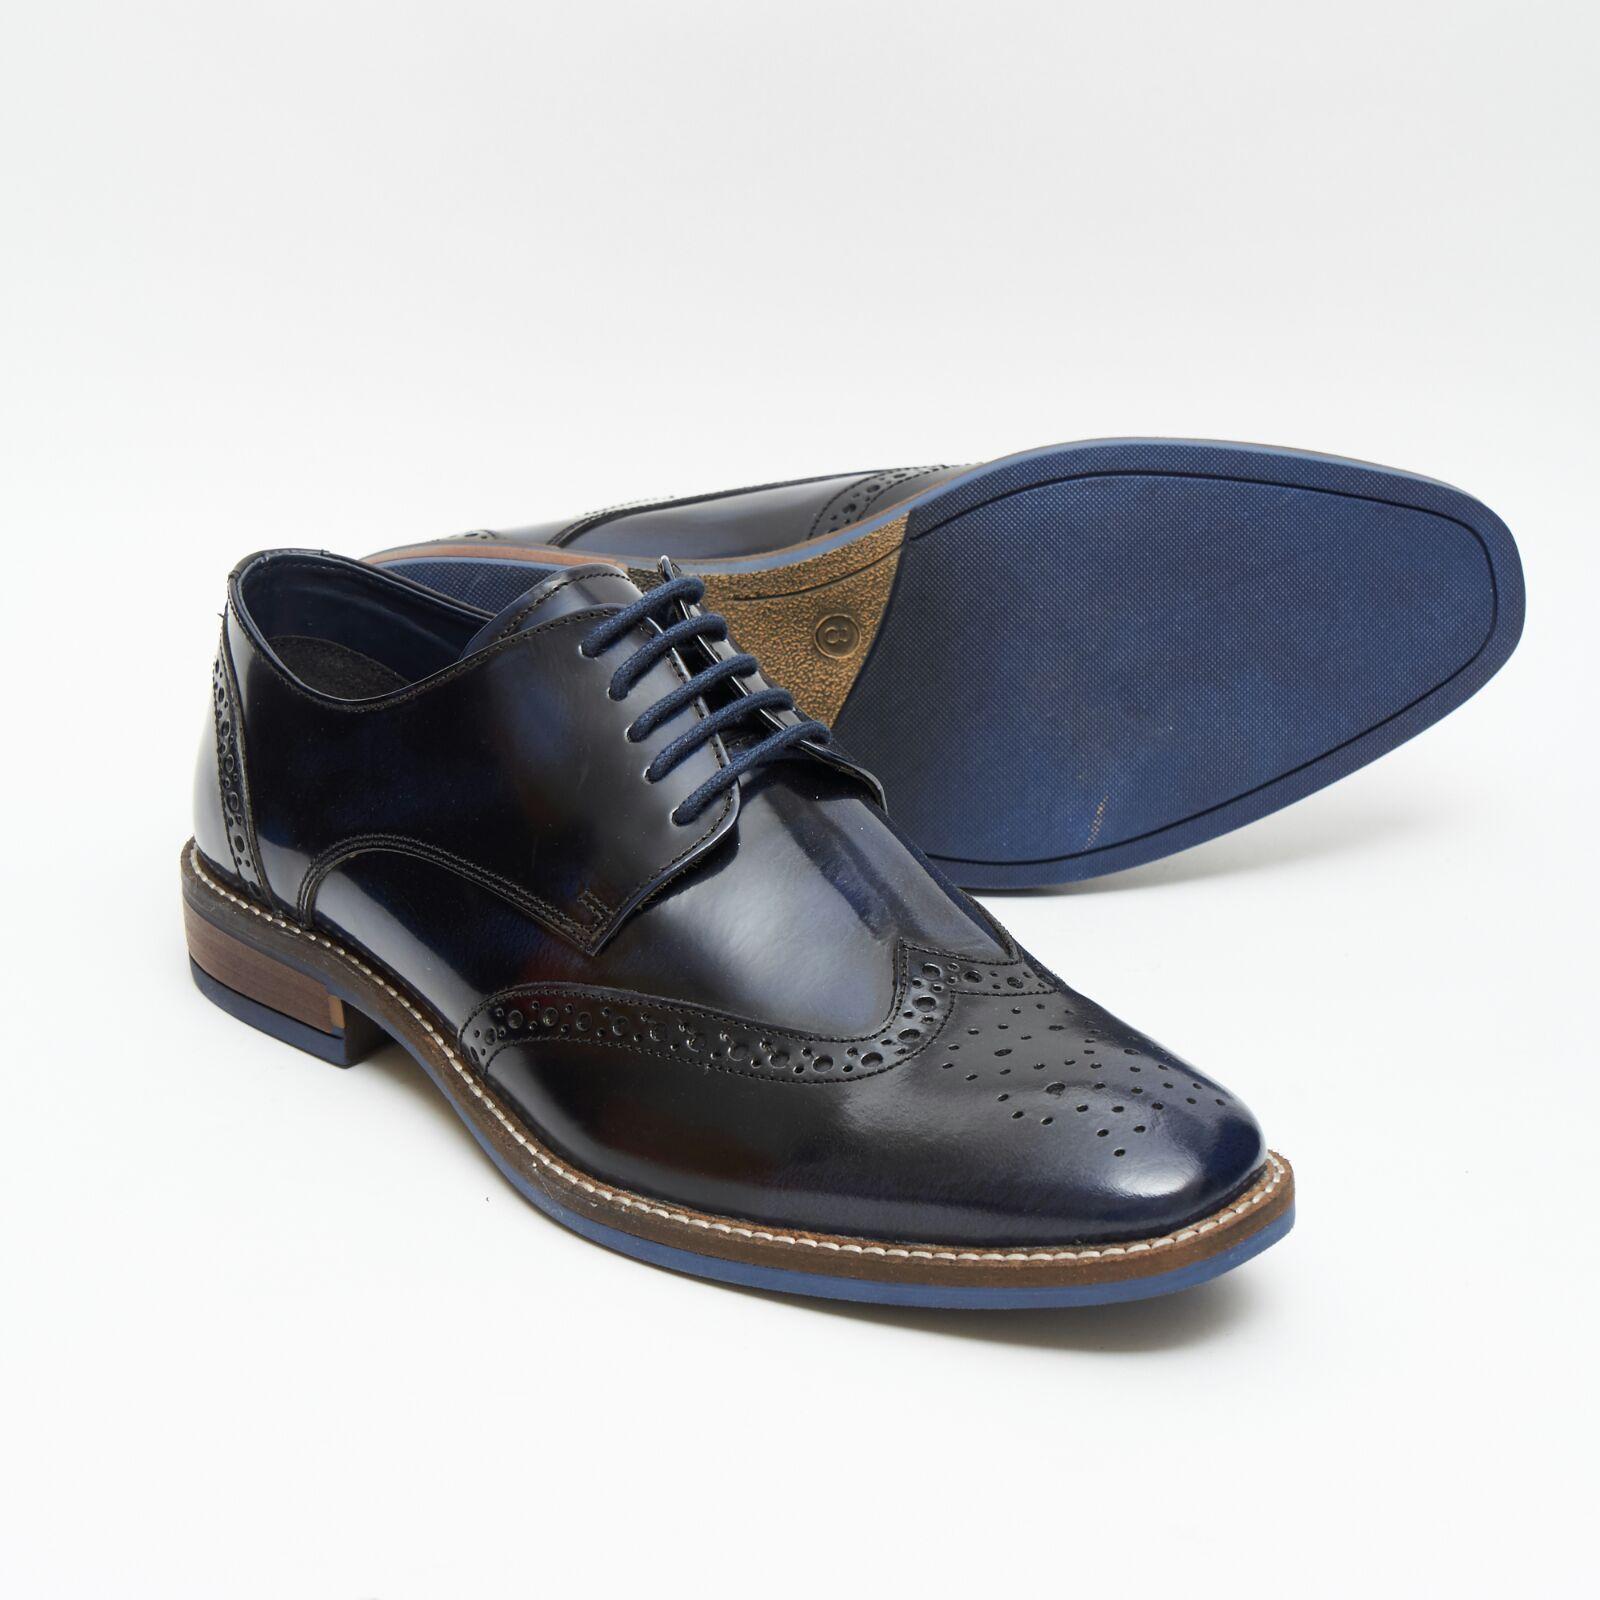 Da Uomo in Pelle Lucini Smart Oxford Brogue Stile Lacci bordo Scarpe, blu o bordo Lacci 13212 ac2f97